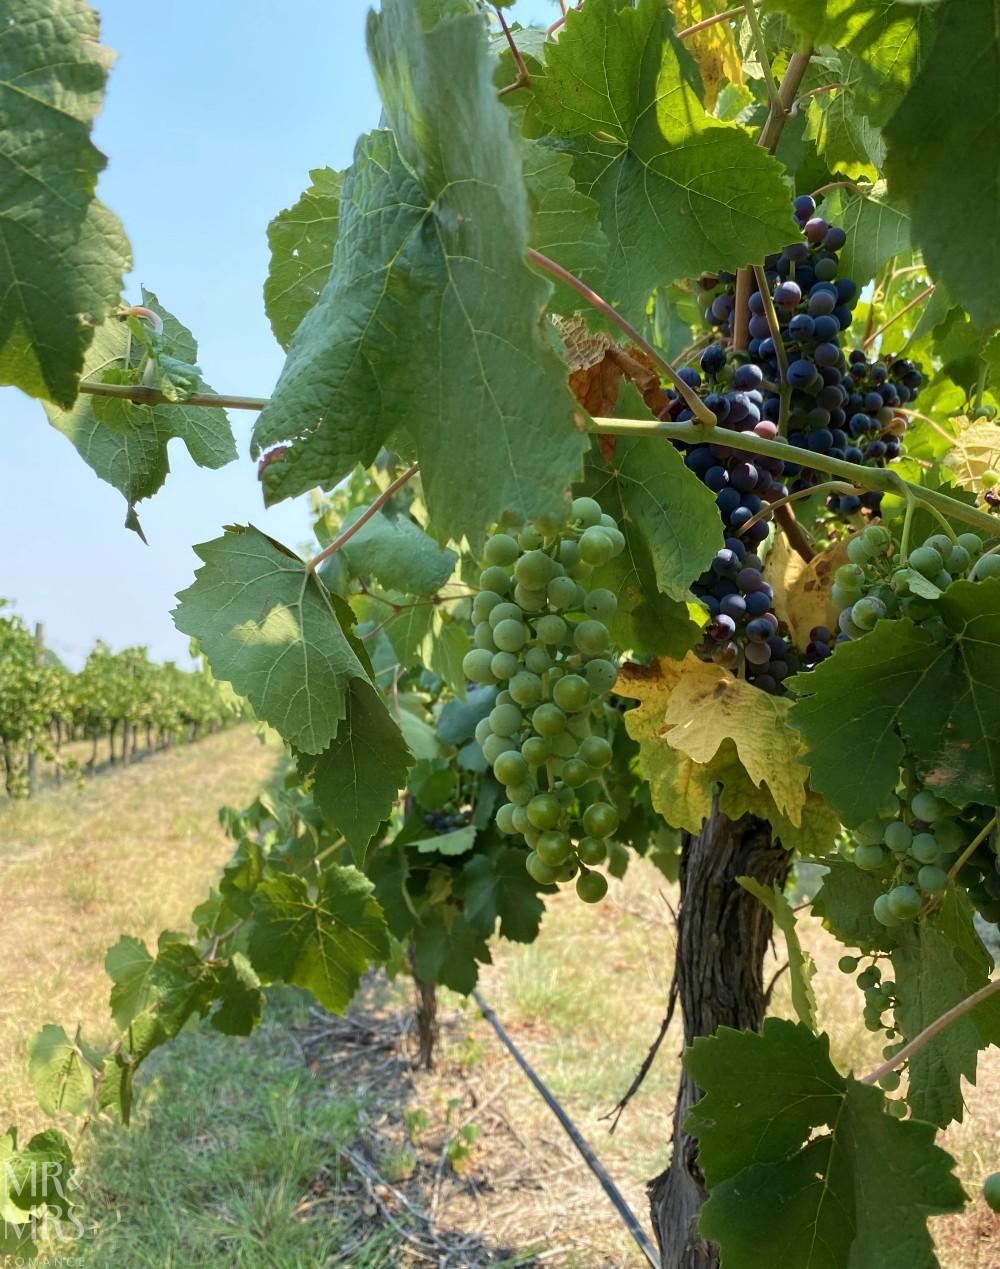 Sam Miranda winery grapes, King Valley